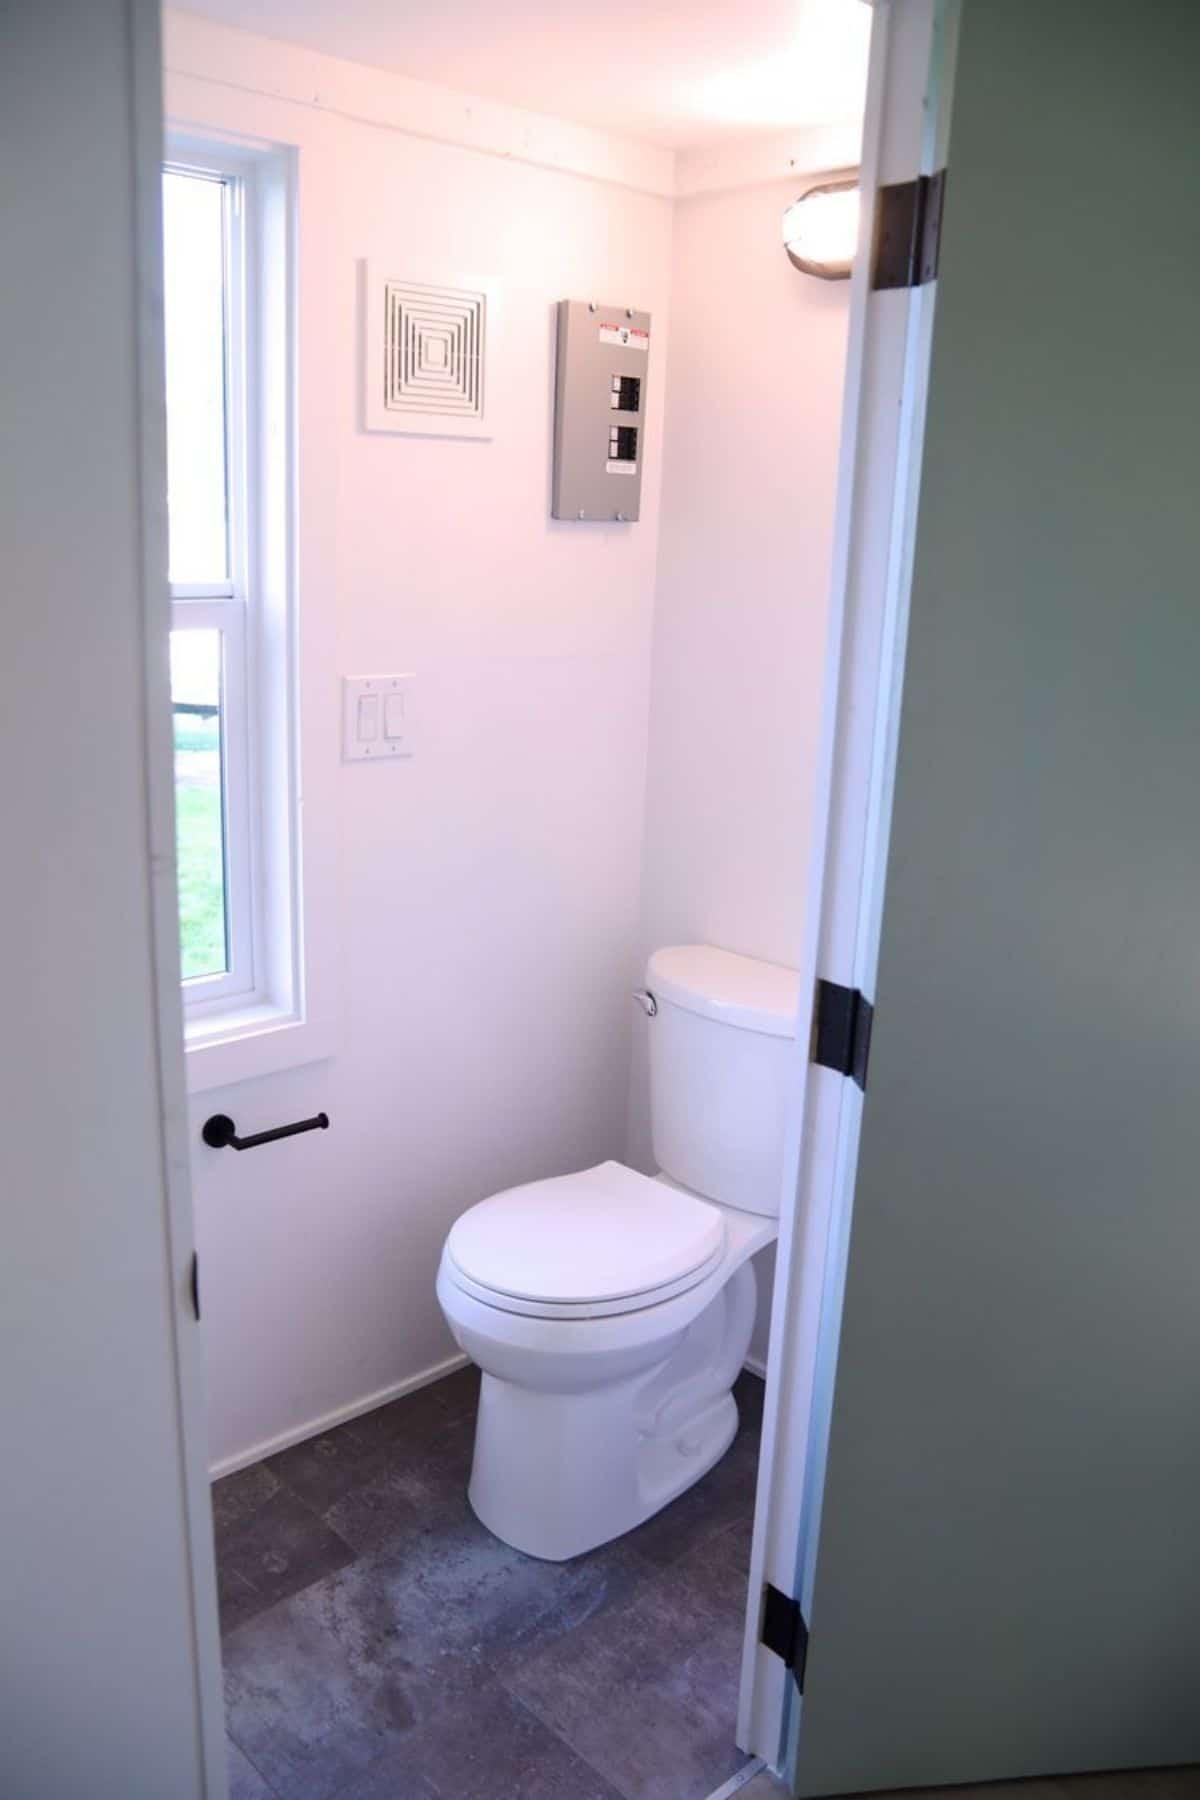 White flush toilet against wall in bathroom